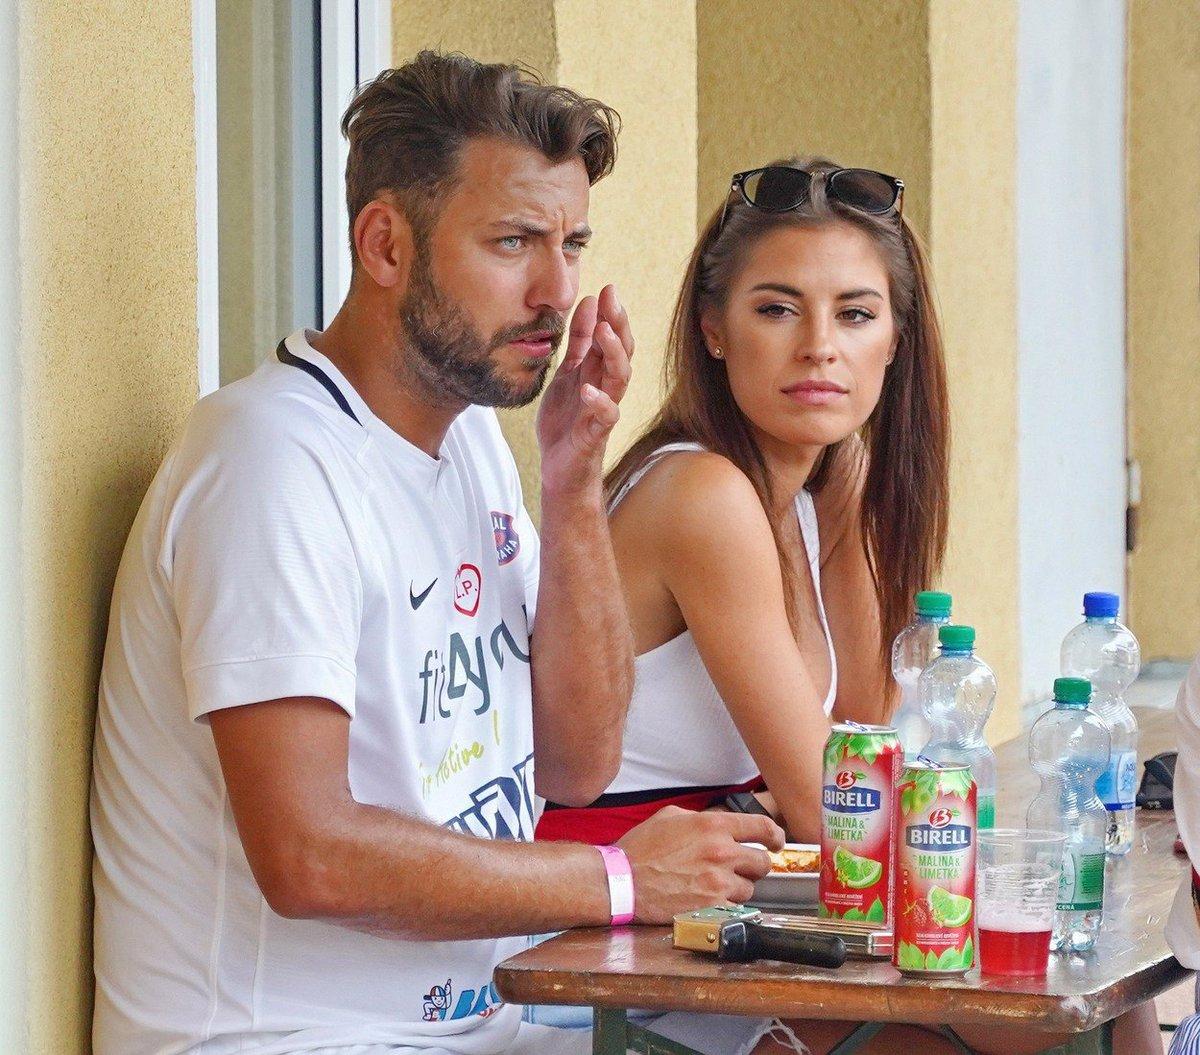 Ondřej Pavelec s partnerkou Terezou Budkovou během exhibičního fotbalového zápasu